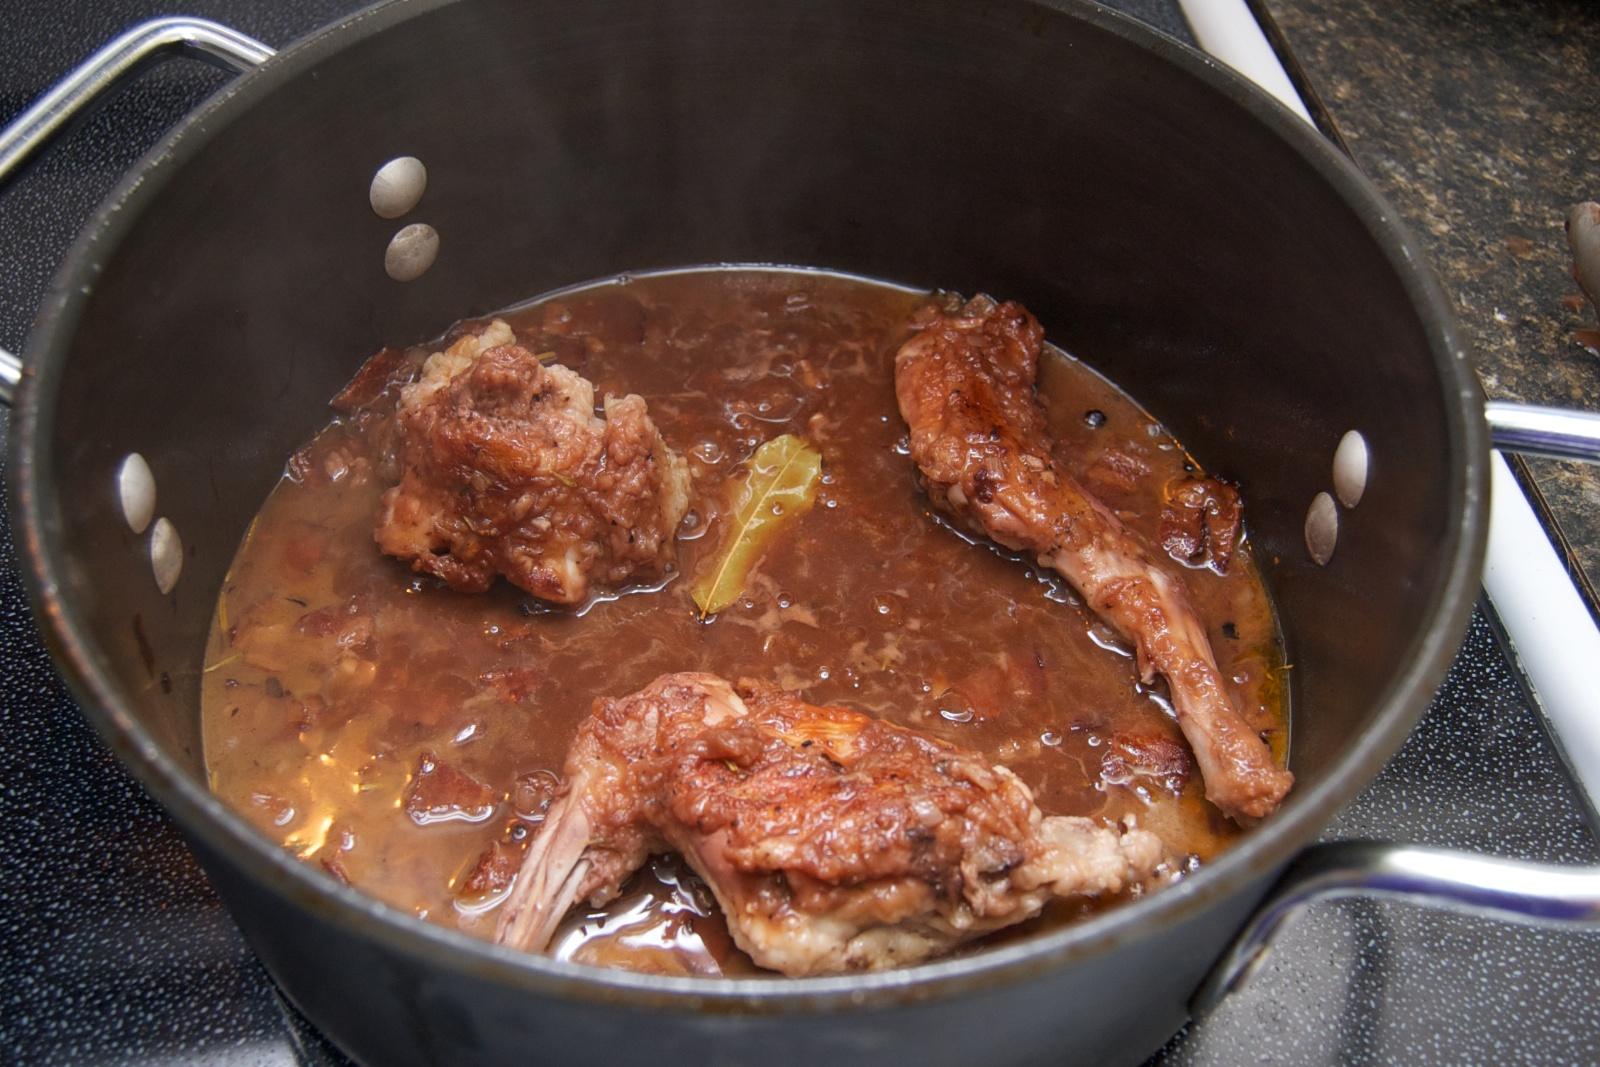 http://blog.rickk.com/food/2010/08/08/rabbit4.jpg